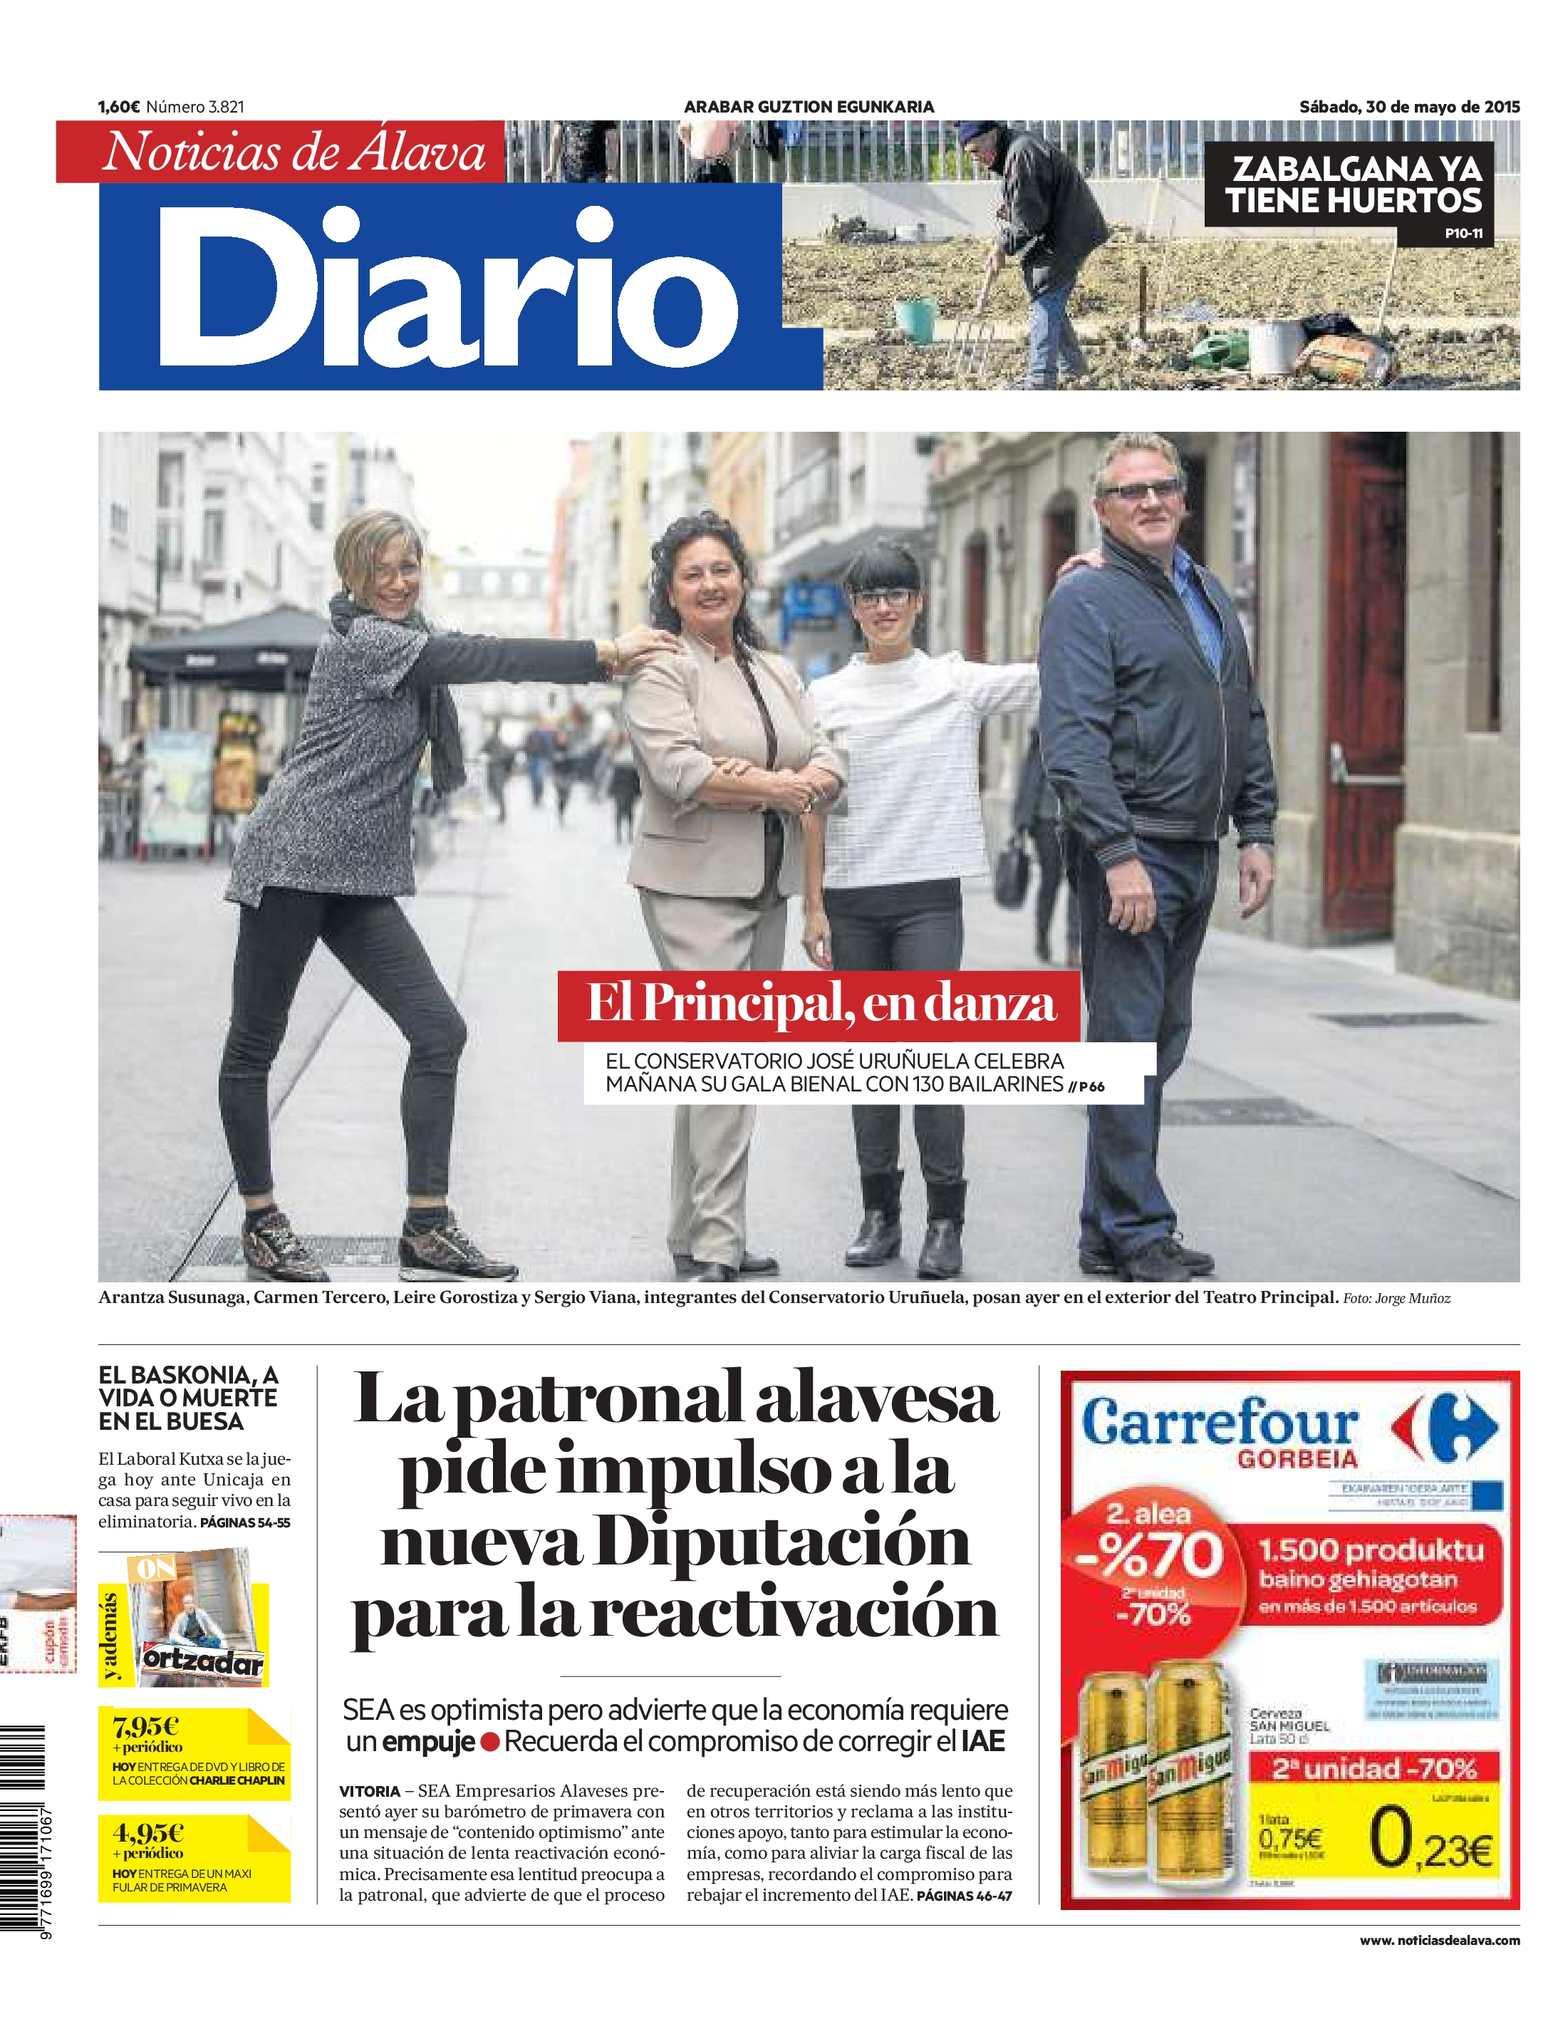 Calaméo - Diario de Noticias de Álava 20150530